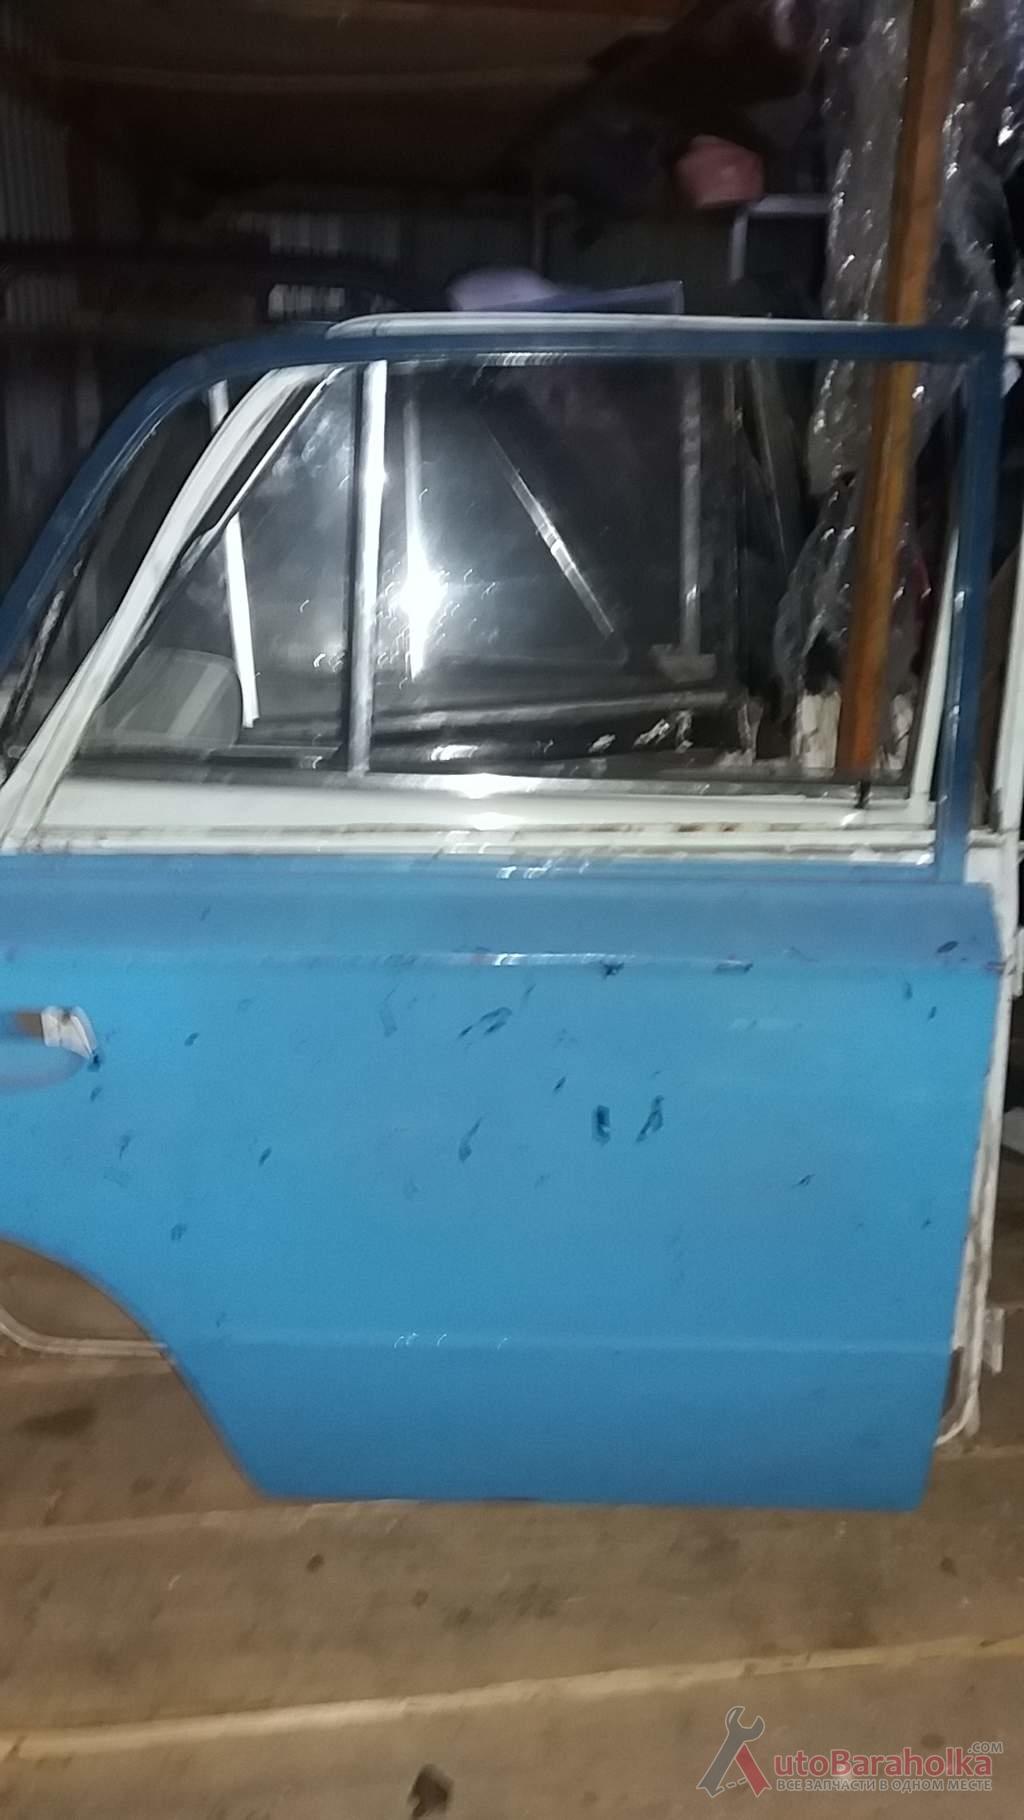 Продам Дверь передняя и задняя жигули 2105-06-07. в нормальном состоянии не гнилые Белгород -Днестровск